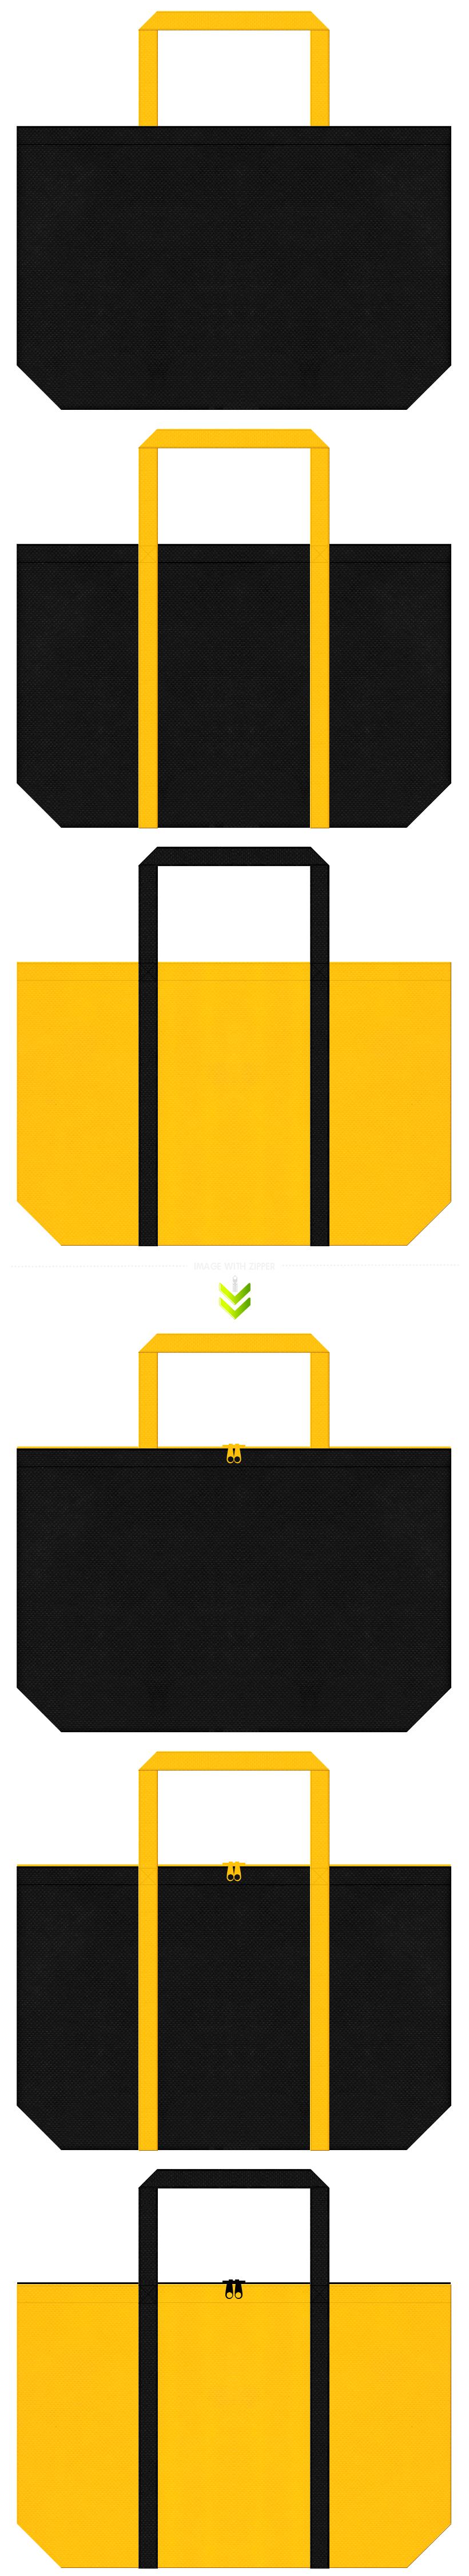 交通安全イベント・保安・セキュリティ・道路工事・安全用品・電気・通信・エンジンオイル・フォグランプ・カー用品の展示会用バッグ・ユニフォーム・運動靴・アウトドア・スポーツバッグにお奨めの不織布バッグデザイン:黒色と黄色のコーデ